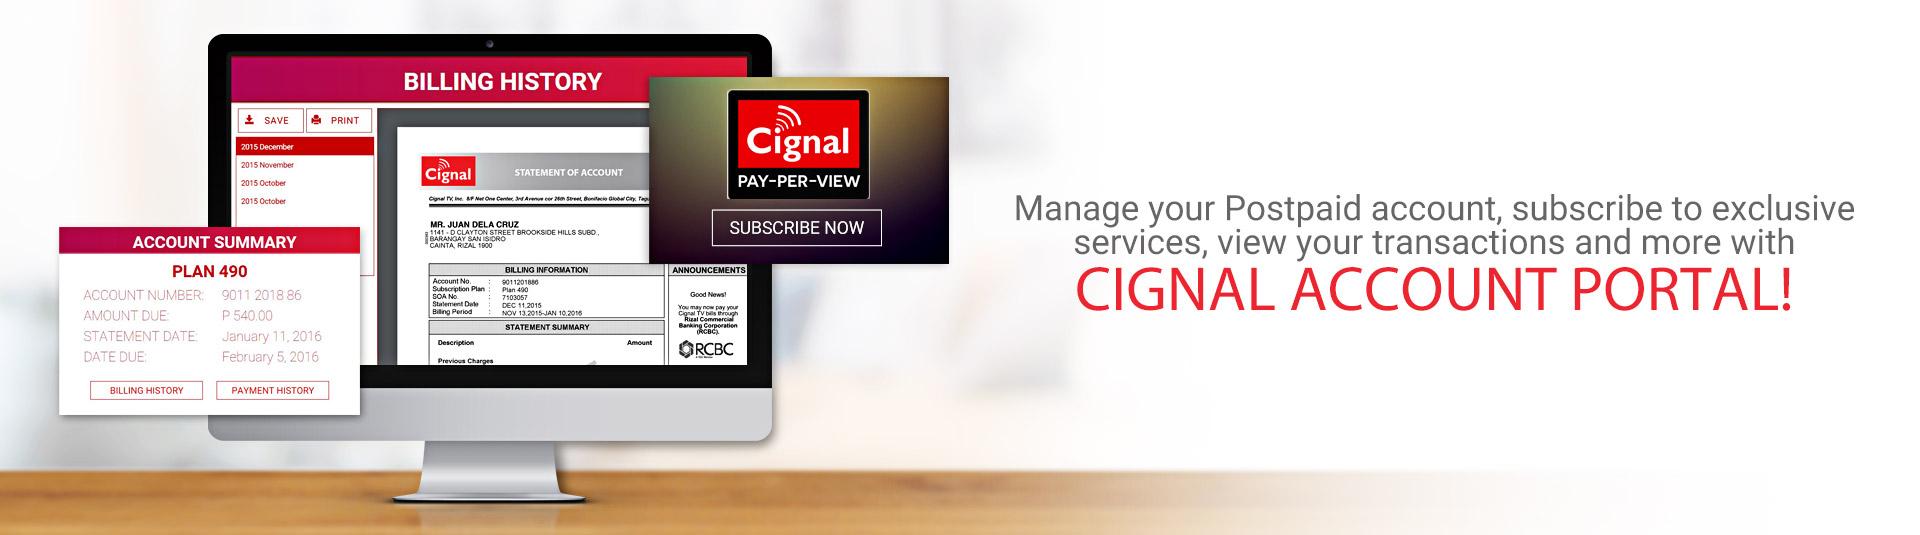 CIGNAL TV - Account Portal